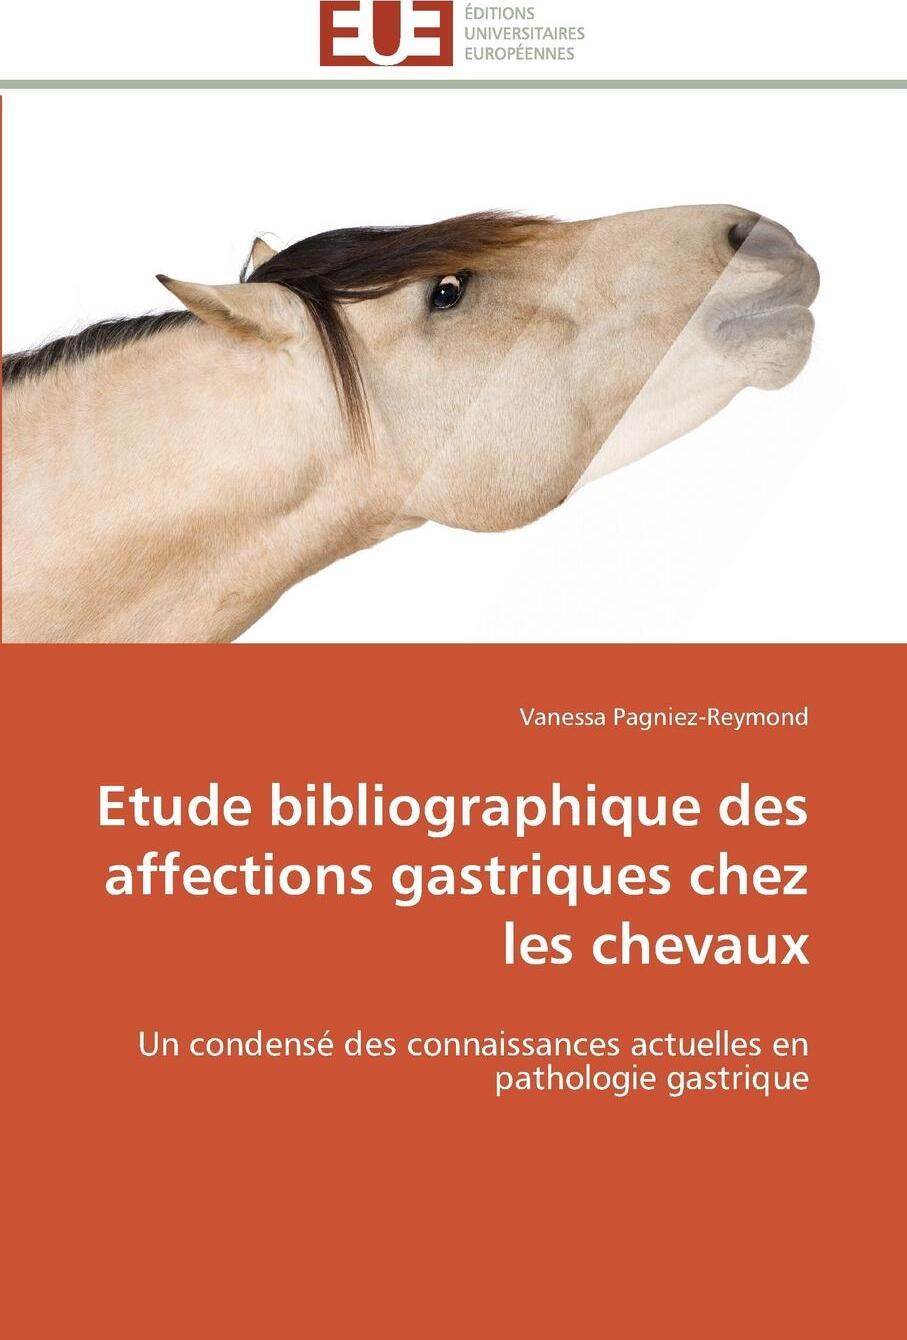 Etude bibliographique des affections gastriques chez les chevaux